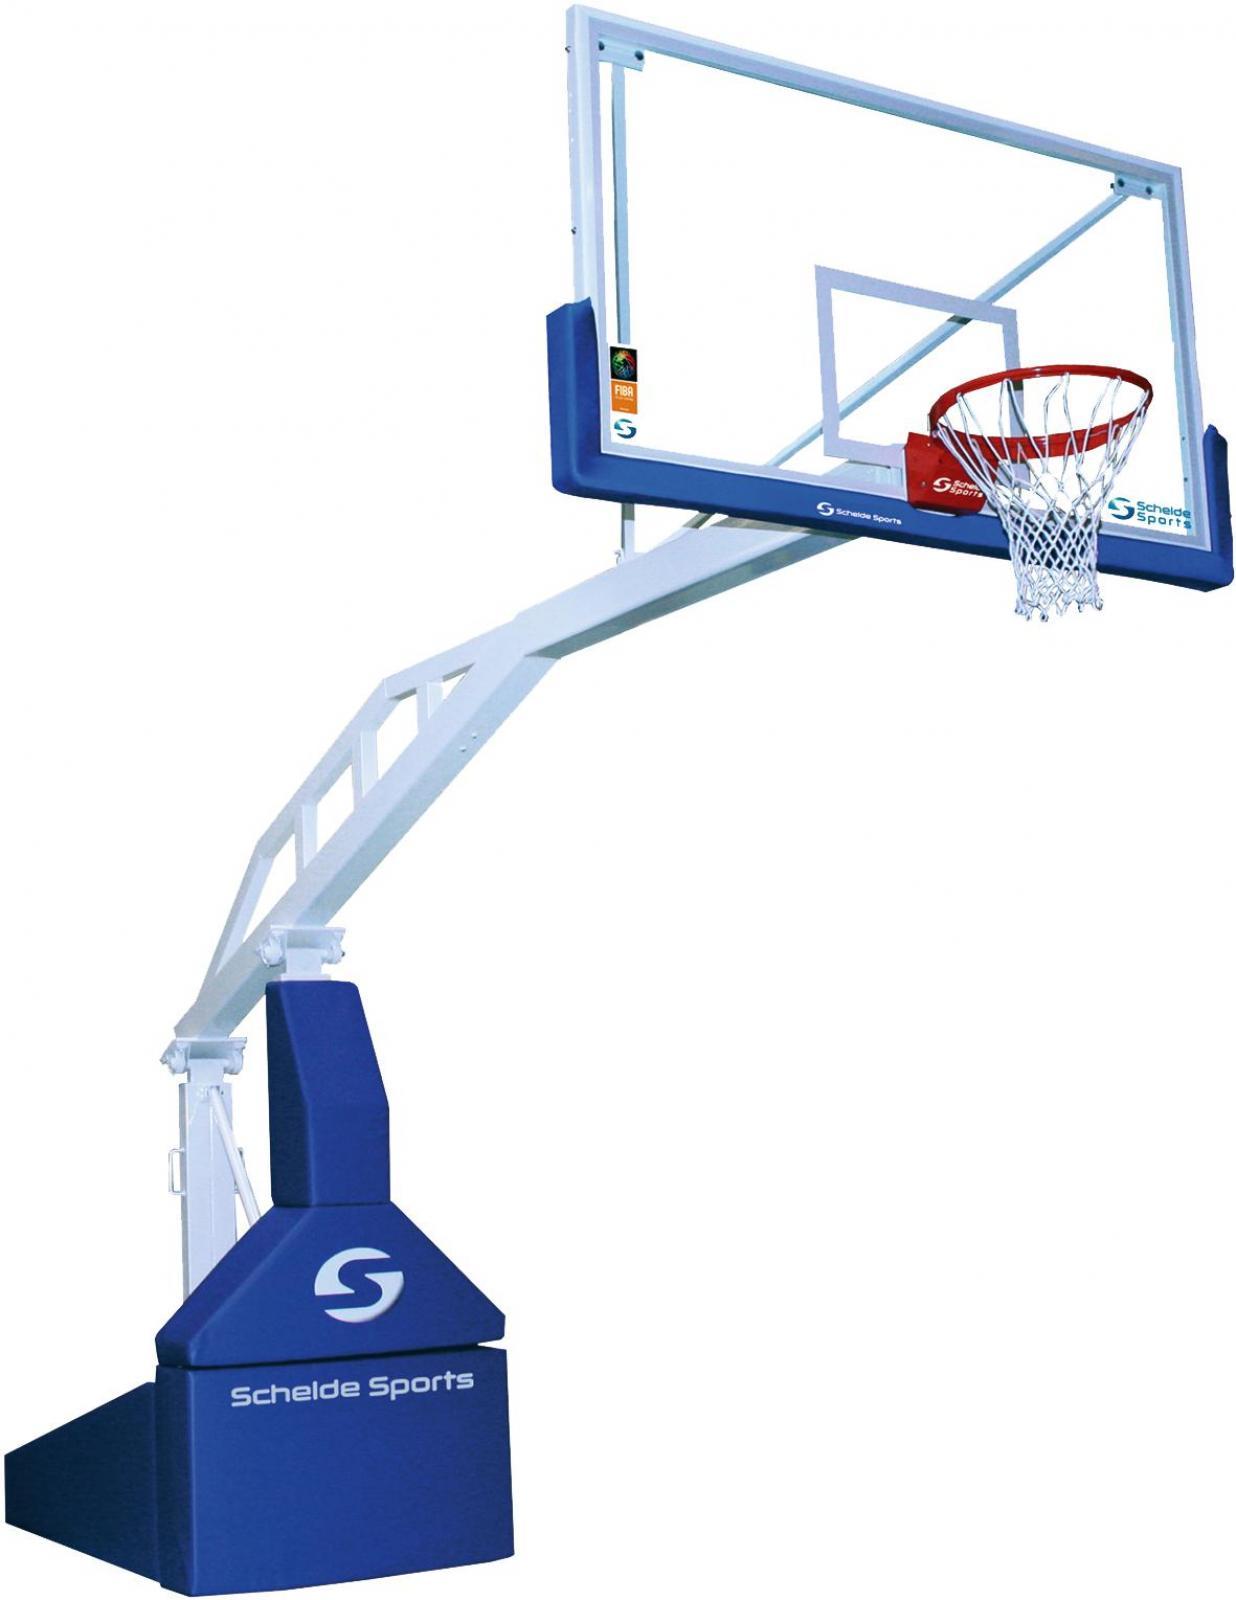 Basketbalový koš - soutěžní konstrukce 245cm Koš na basketbal FIBA